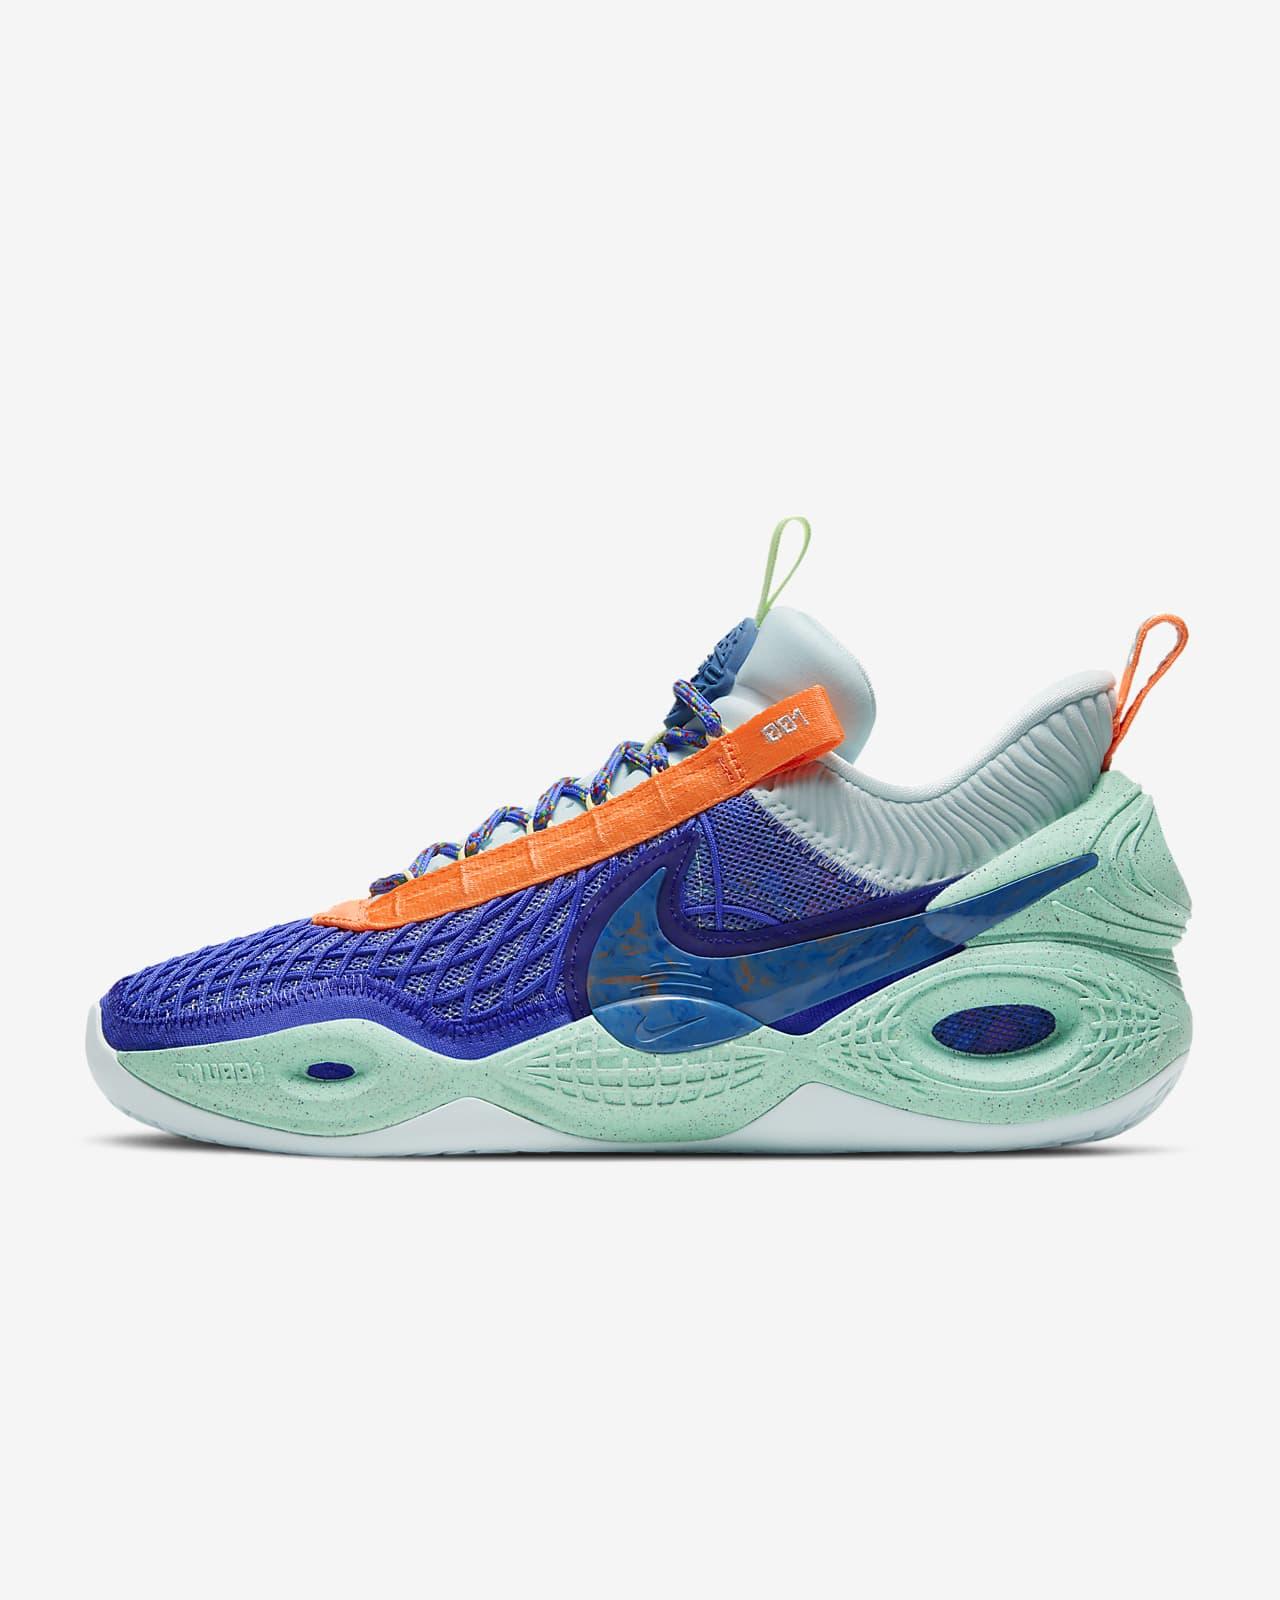 Nike Cosmic Unity 'Amalgam' Basketball Shoe